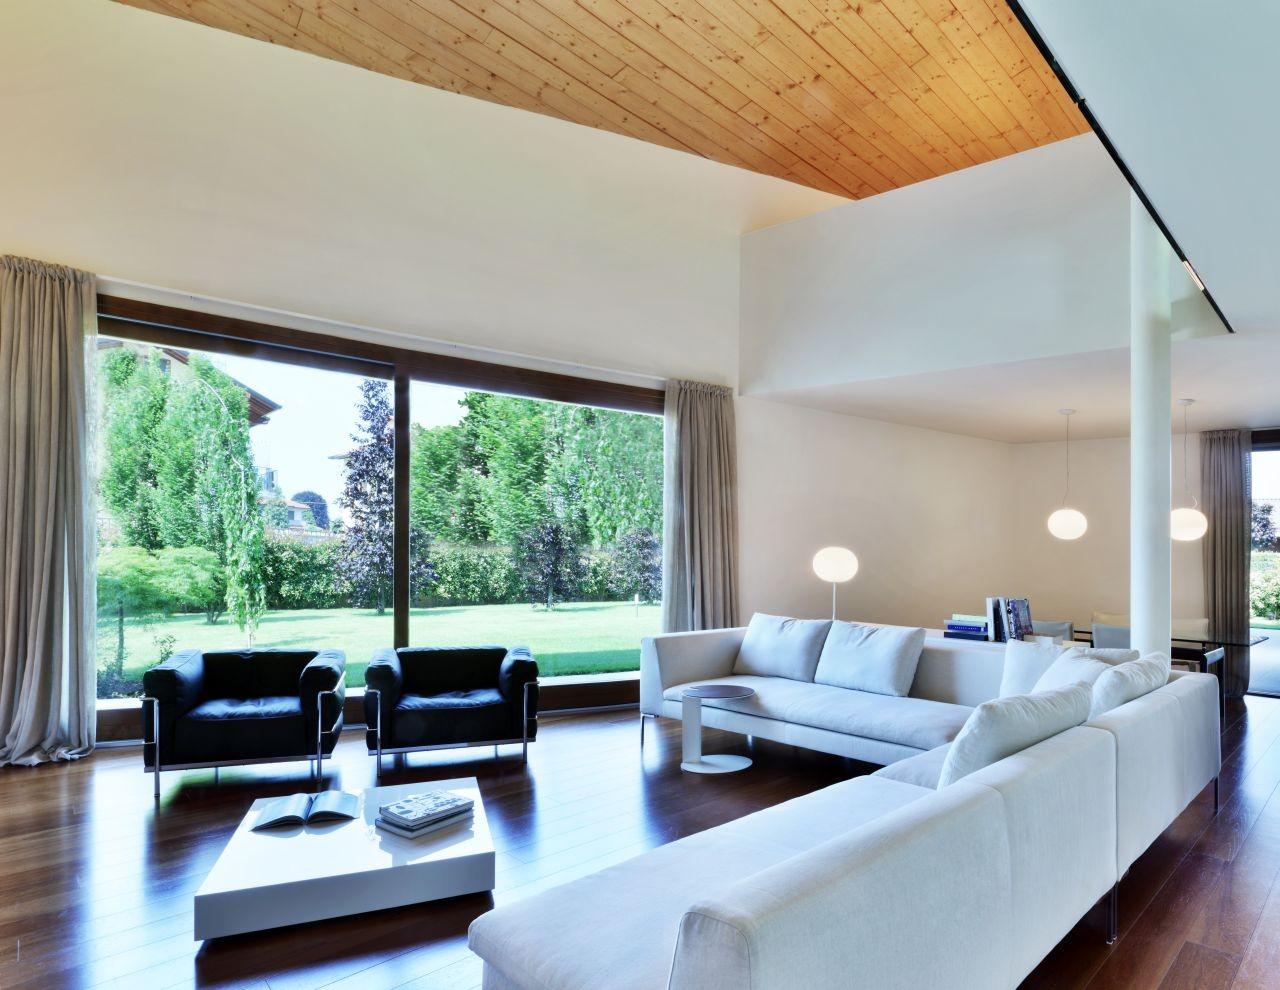 Villa Garavaglia / Buratti+Battiston Architects